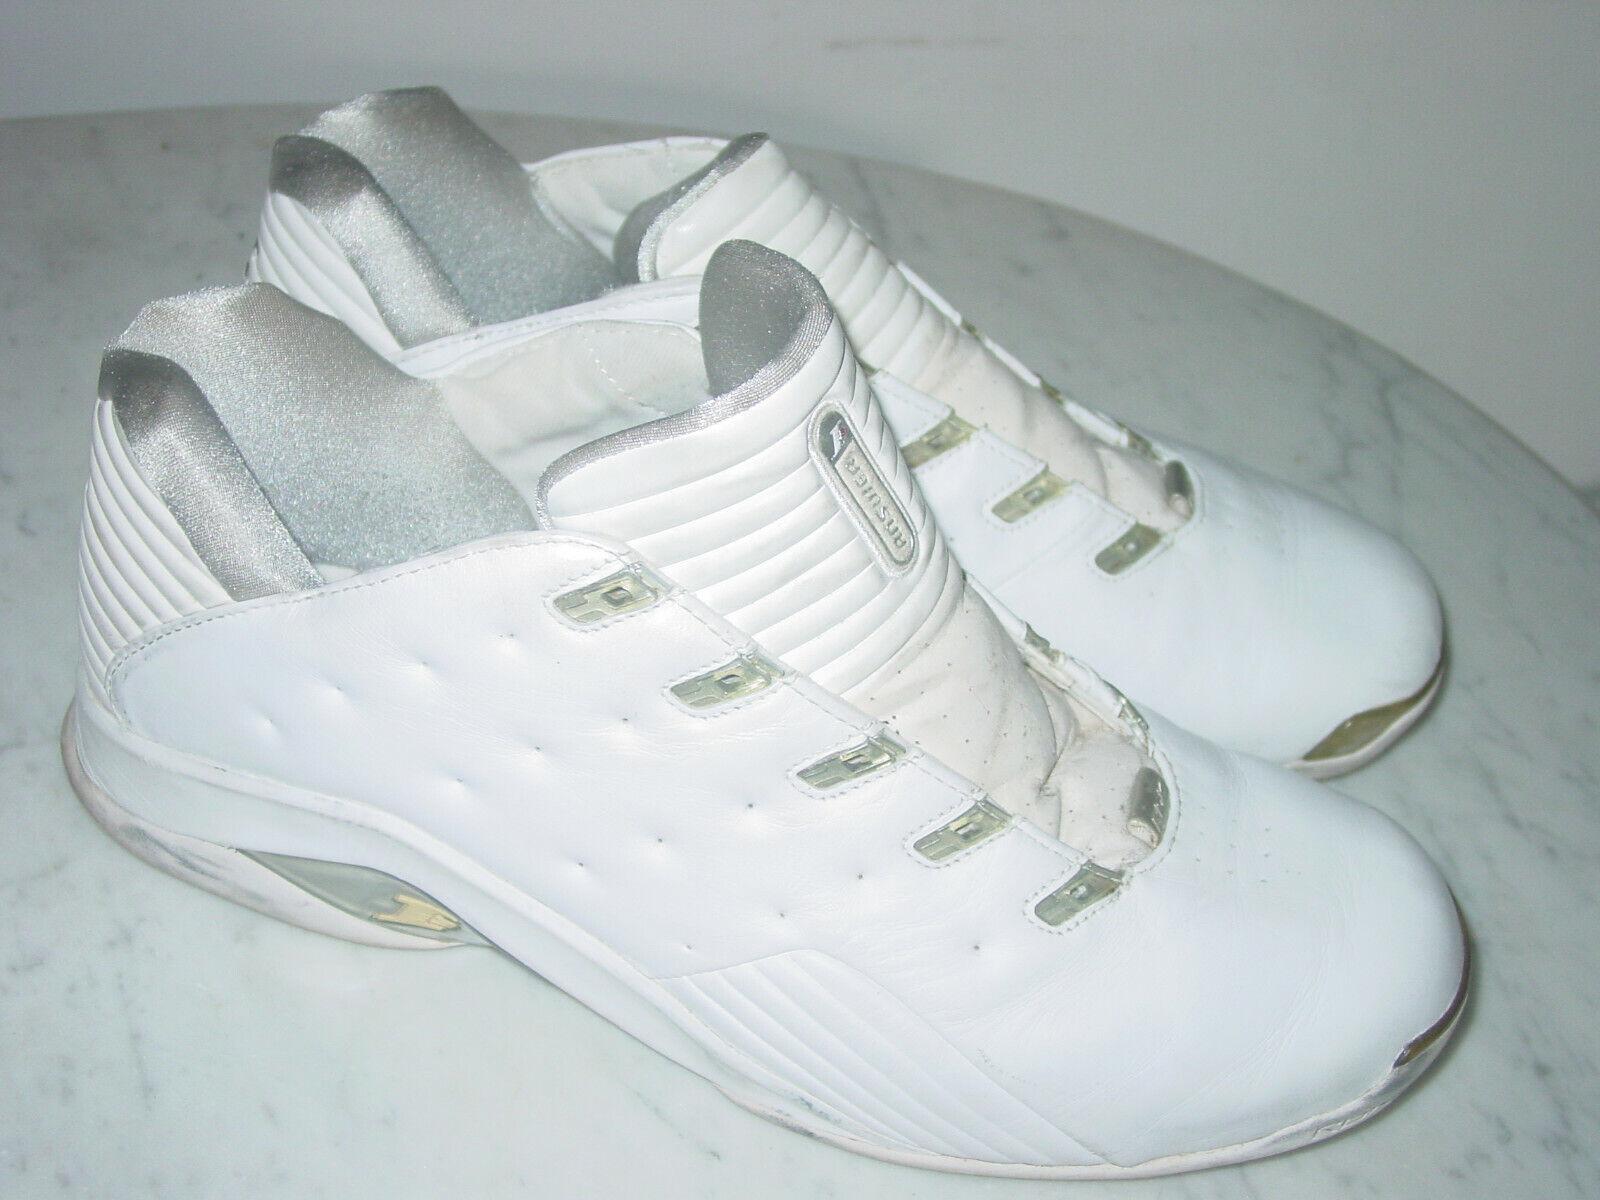 2003 para Hombre Reebok Allen Iverson Answer 7 4-101488 blancoo  Zapatos de baloncesto